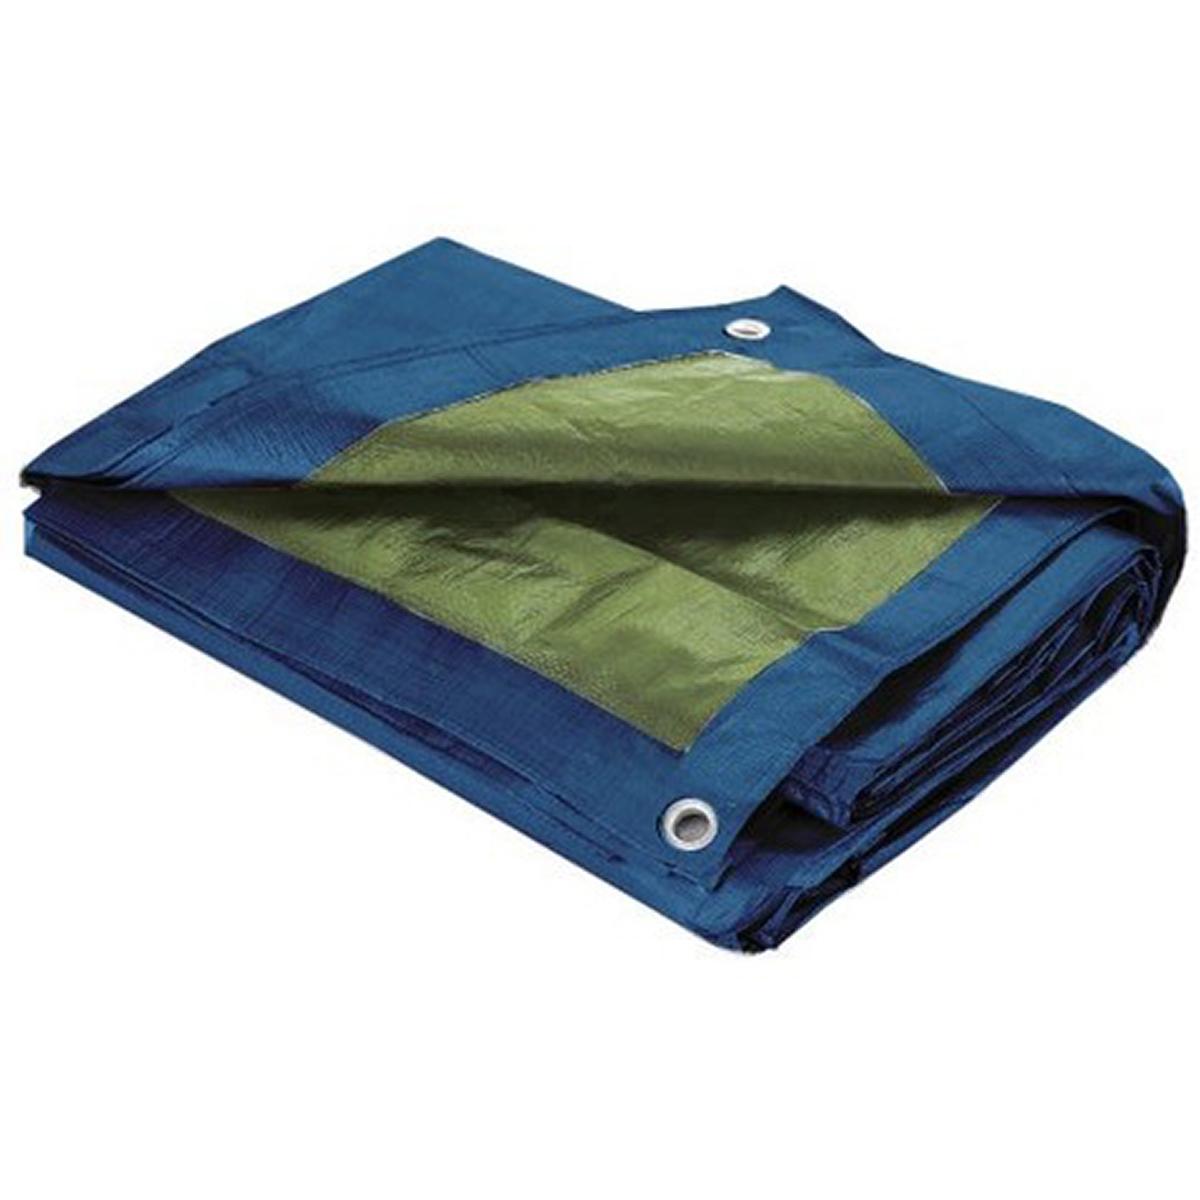 b che de protection tanche avec oeillets bleu homemaison vente en ligne b ches de. Black Bedroom Furniture Sets. Home Design Ideas